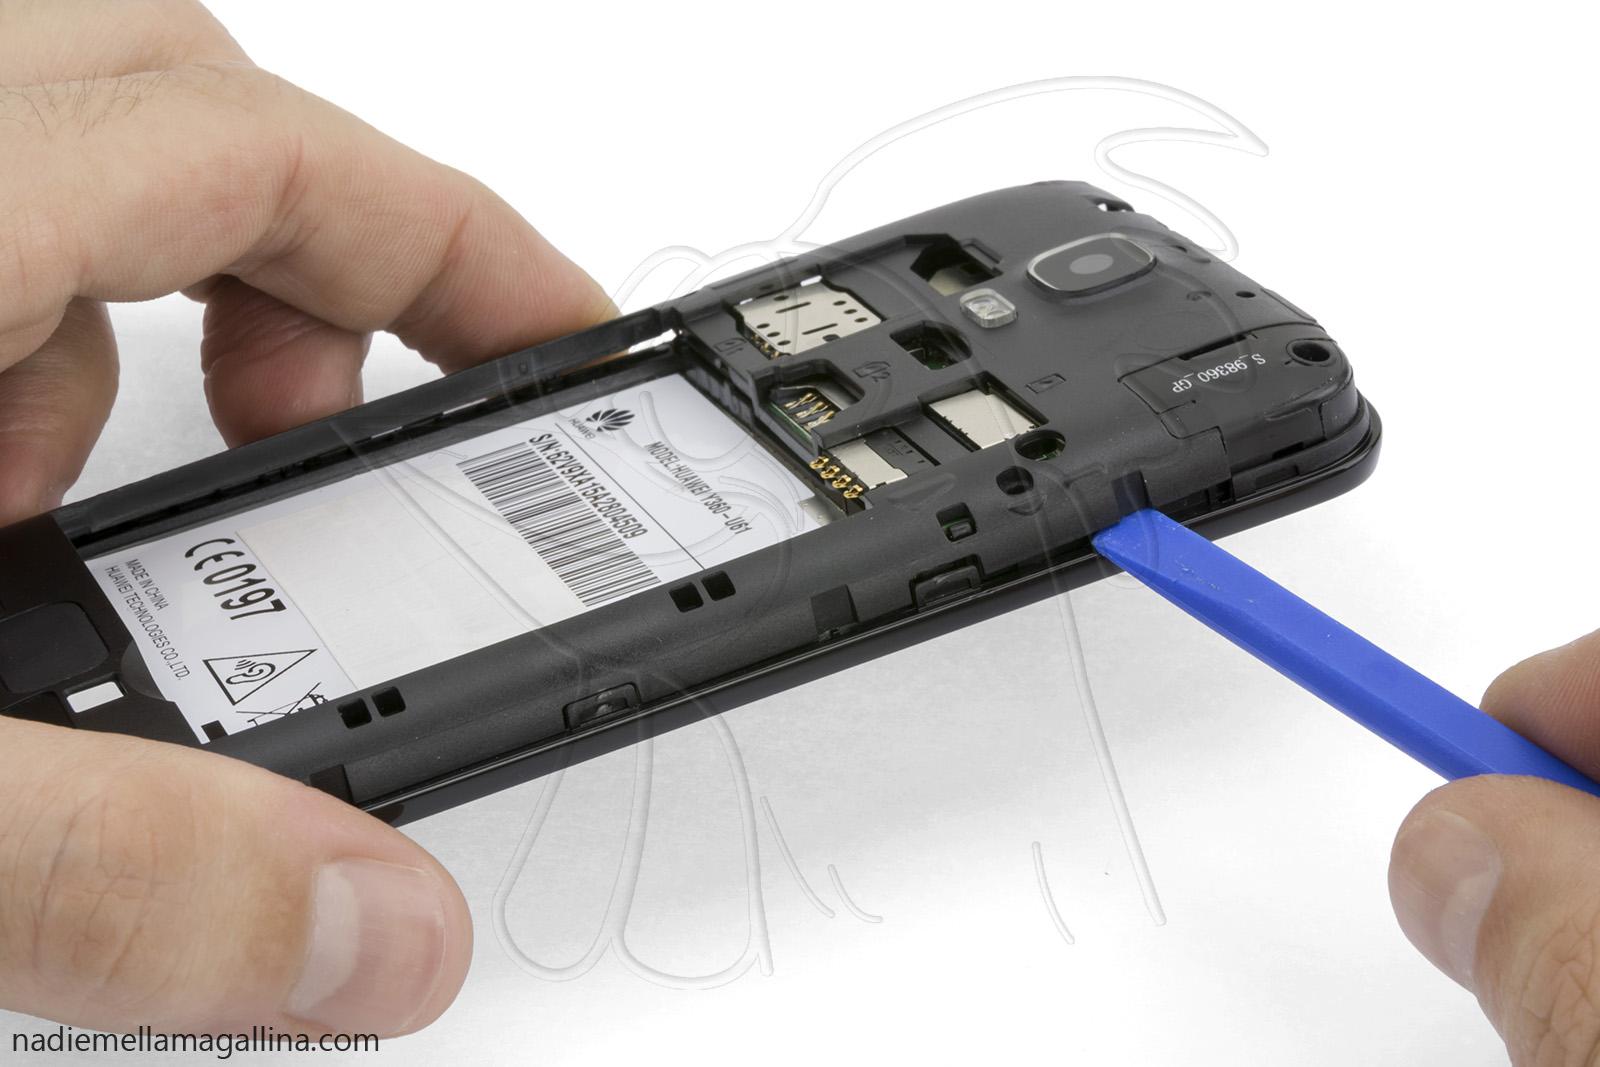 Manuales / Huawei Y3 / Motherboard | Nadie Me Llama Gallina